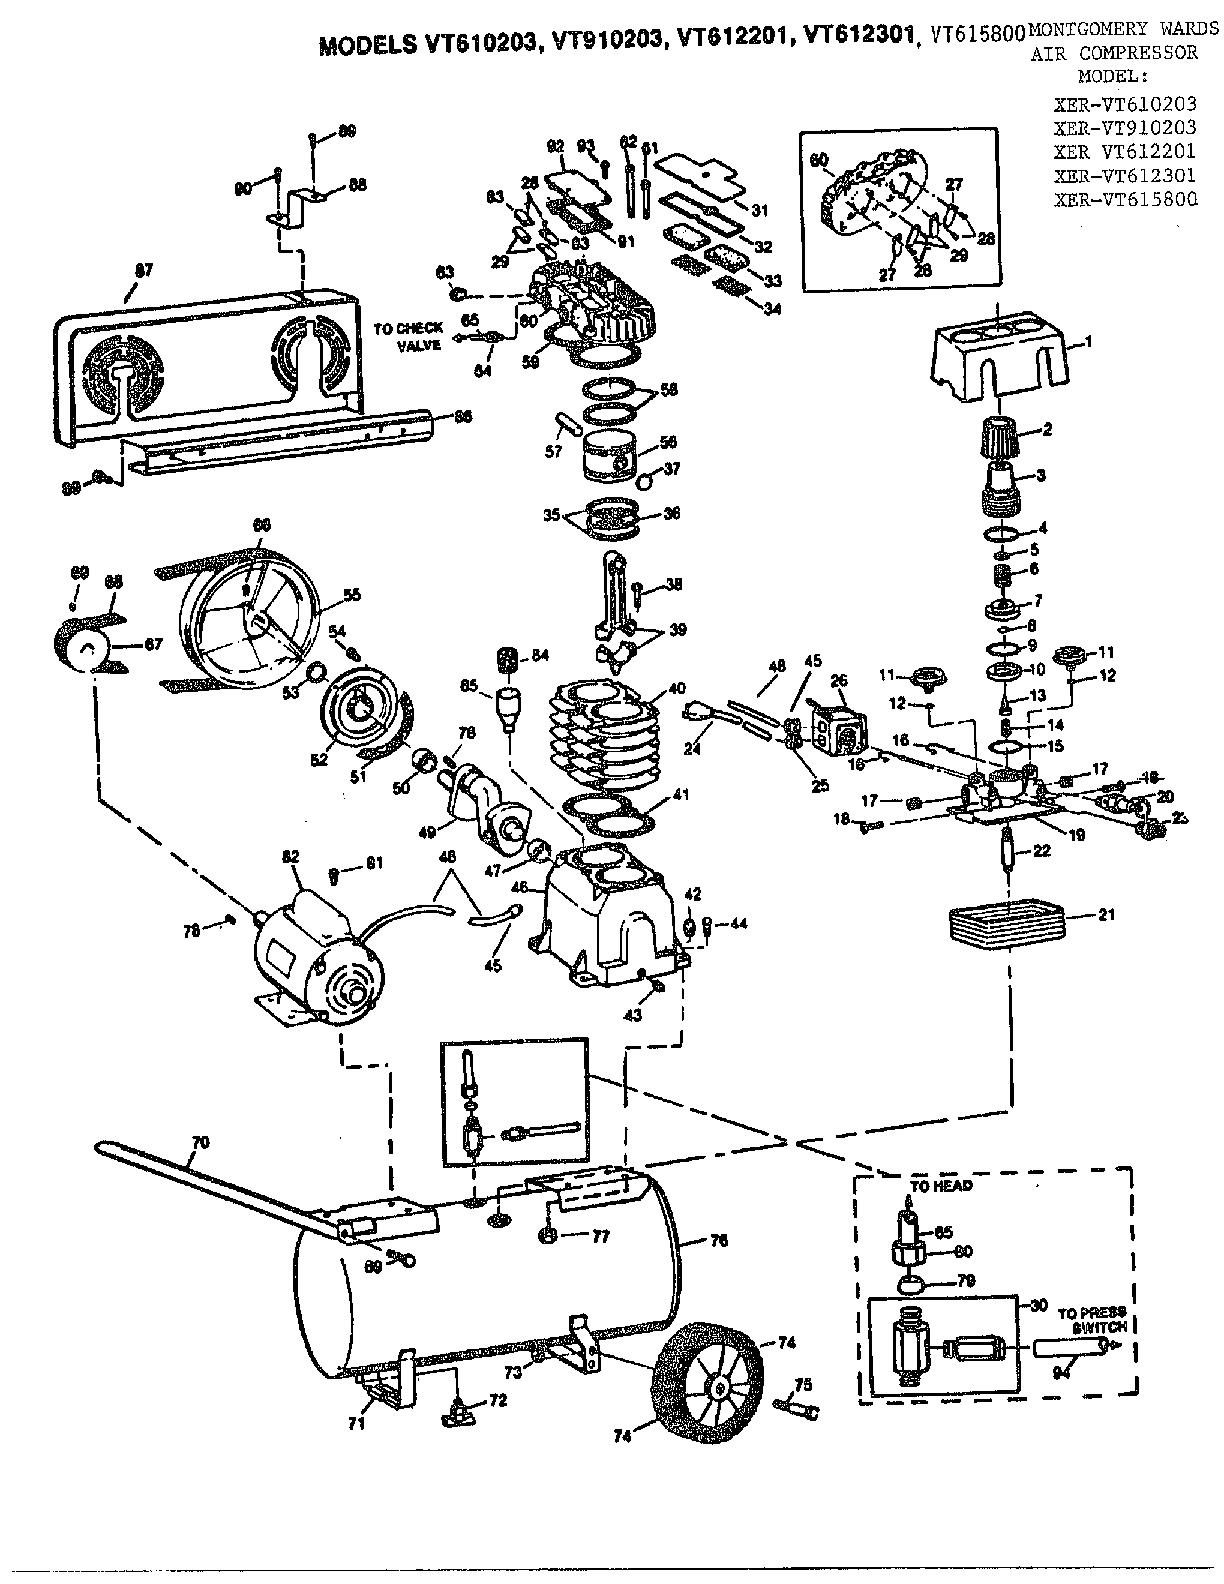 Campbell Hausfeld Air Compressor Parts Diagram Looking For Campbell Hausfeld Model Vt615800 Air Compressor Repair